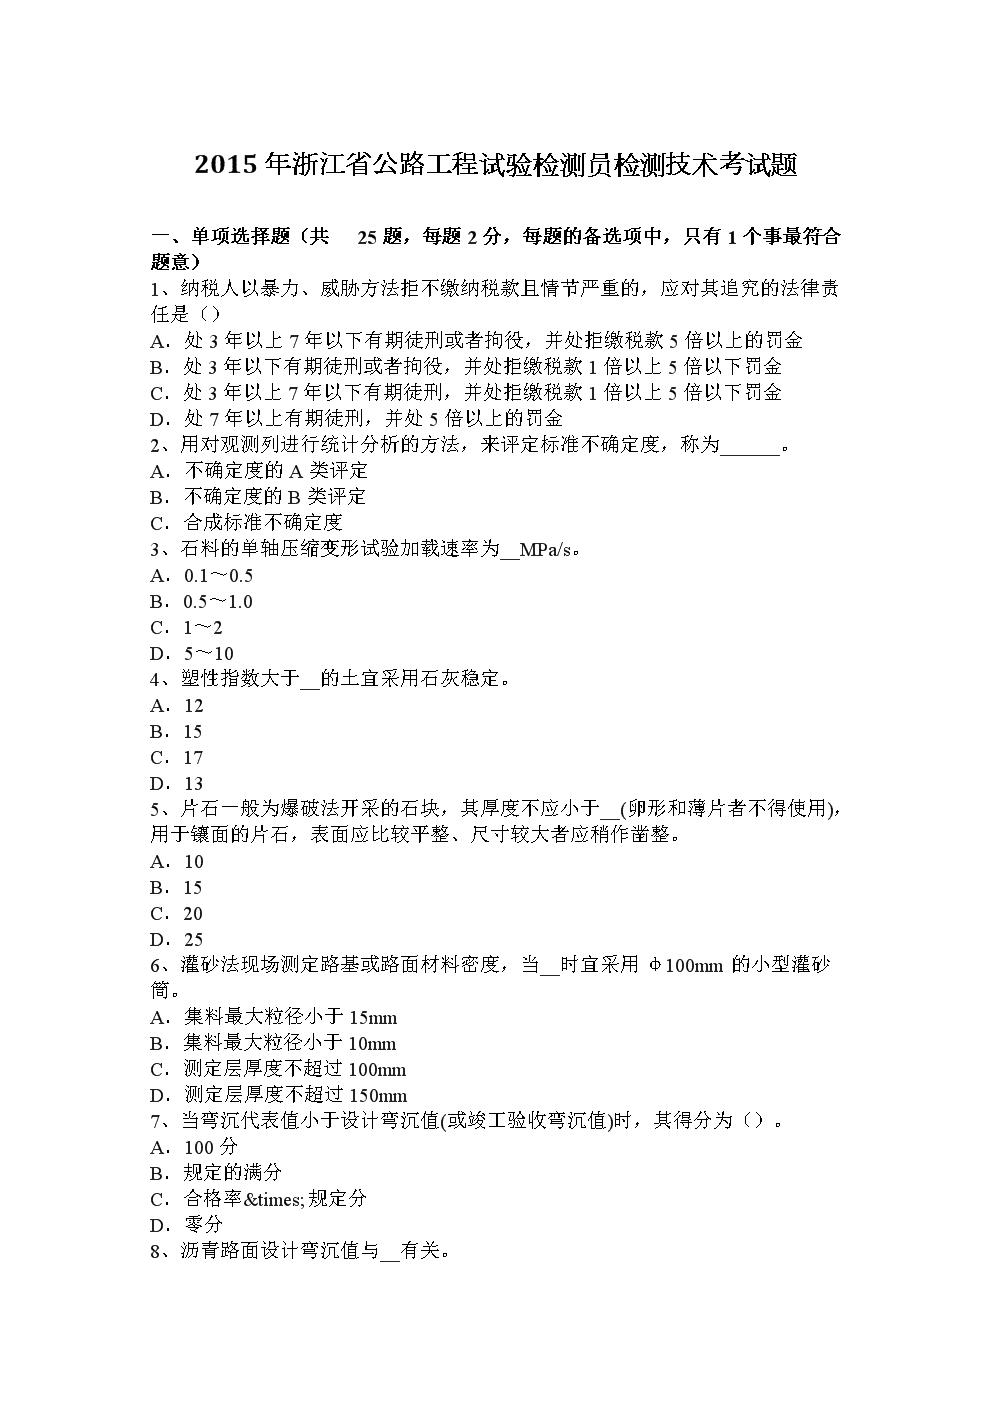 浙江省公路工程试验检测员检测技术考试题.docx